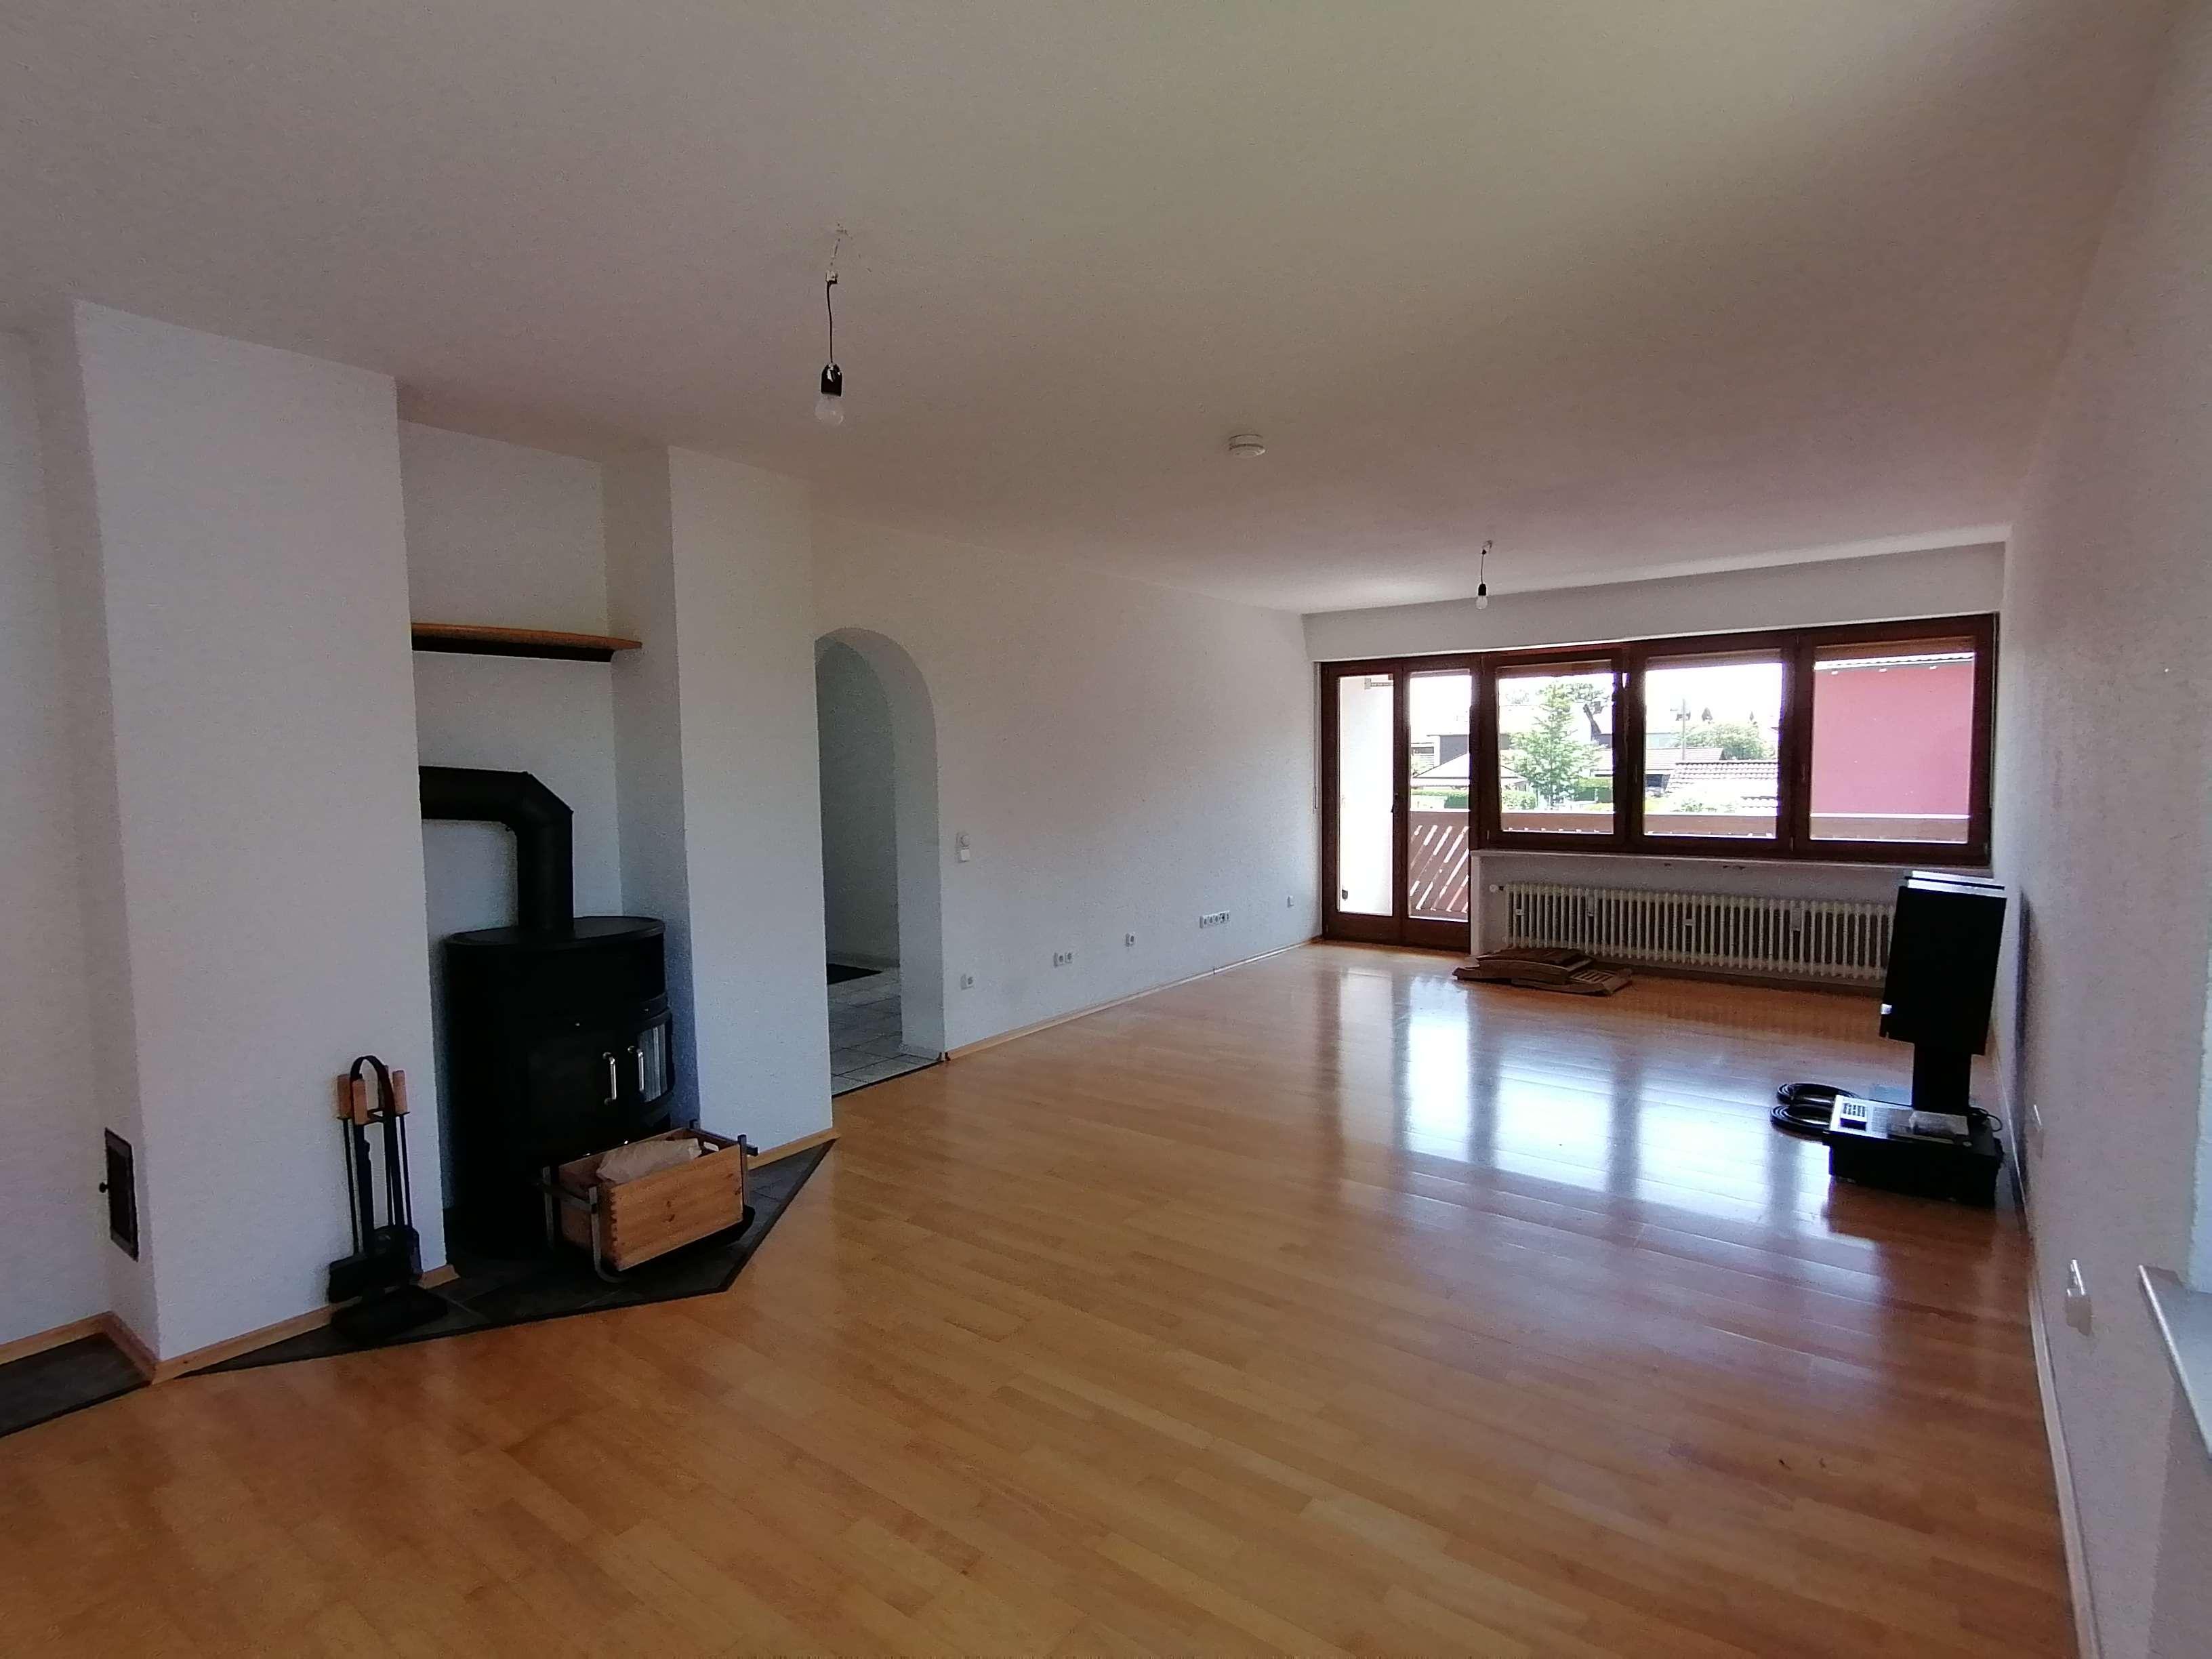 3-Raum-Wohnung, 104 qm, mit Balkon, Keller und Garage in